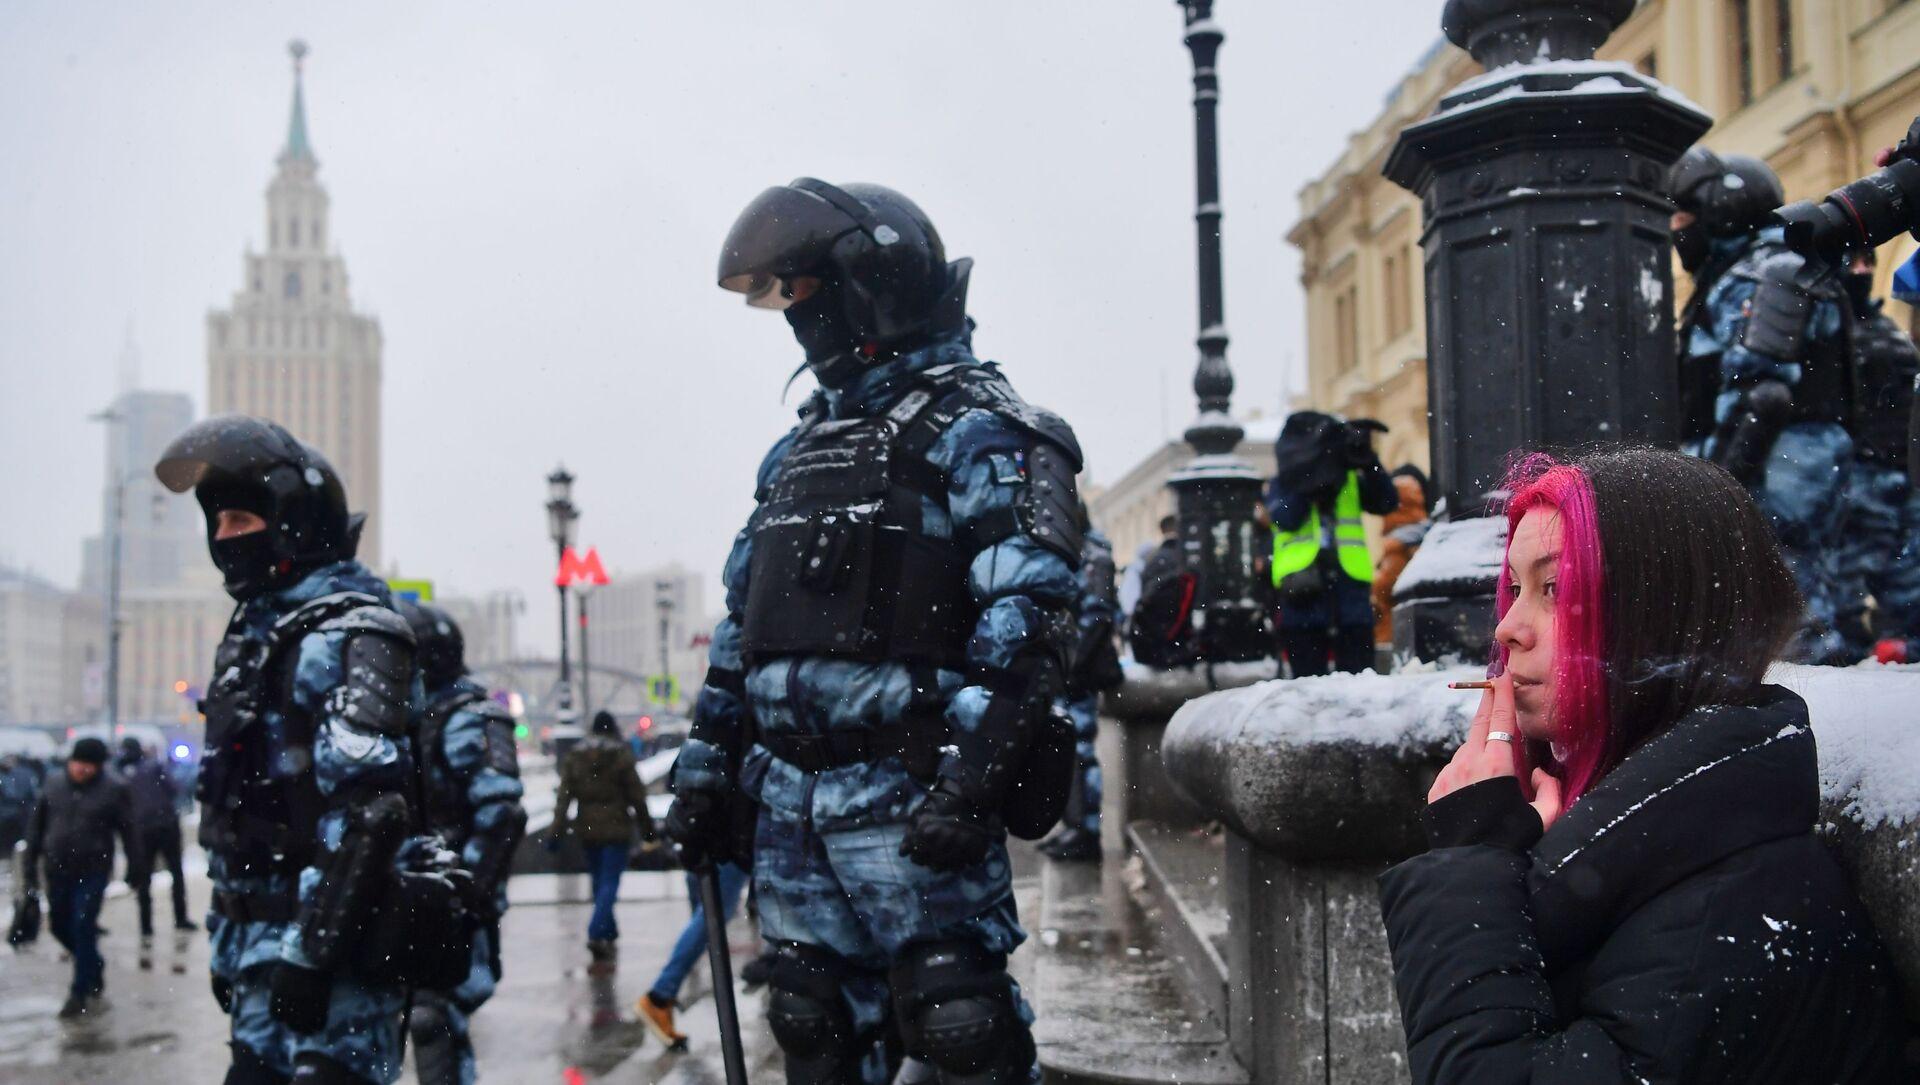 Agentes de seguridad rusos durante las protestas no autorizadas celebradas el 31 de enero en Rusia - Sputnik Mundo, 1920, 01.02.2021